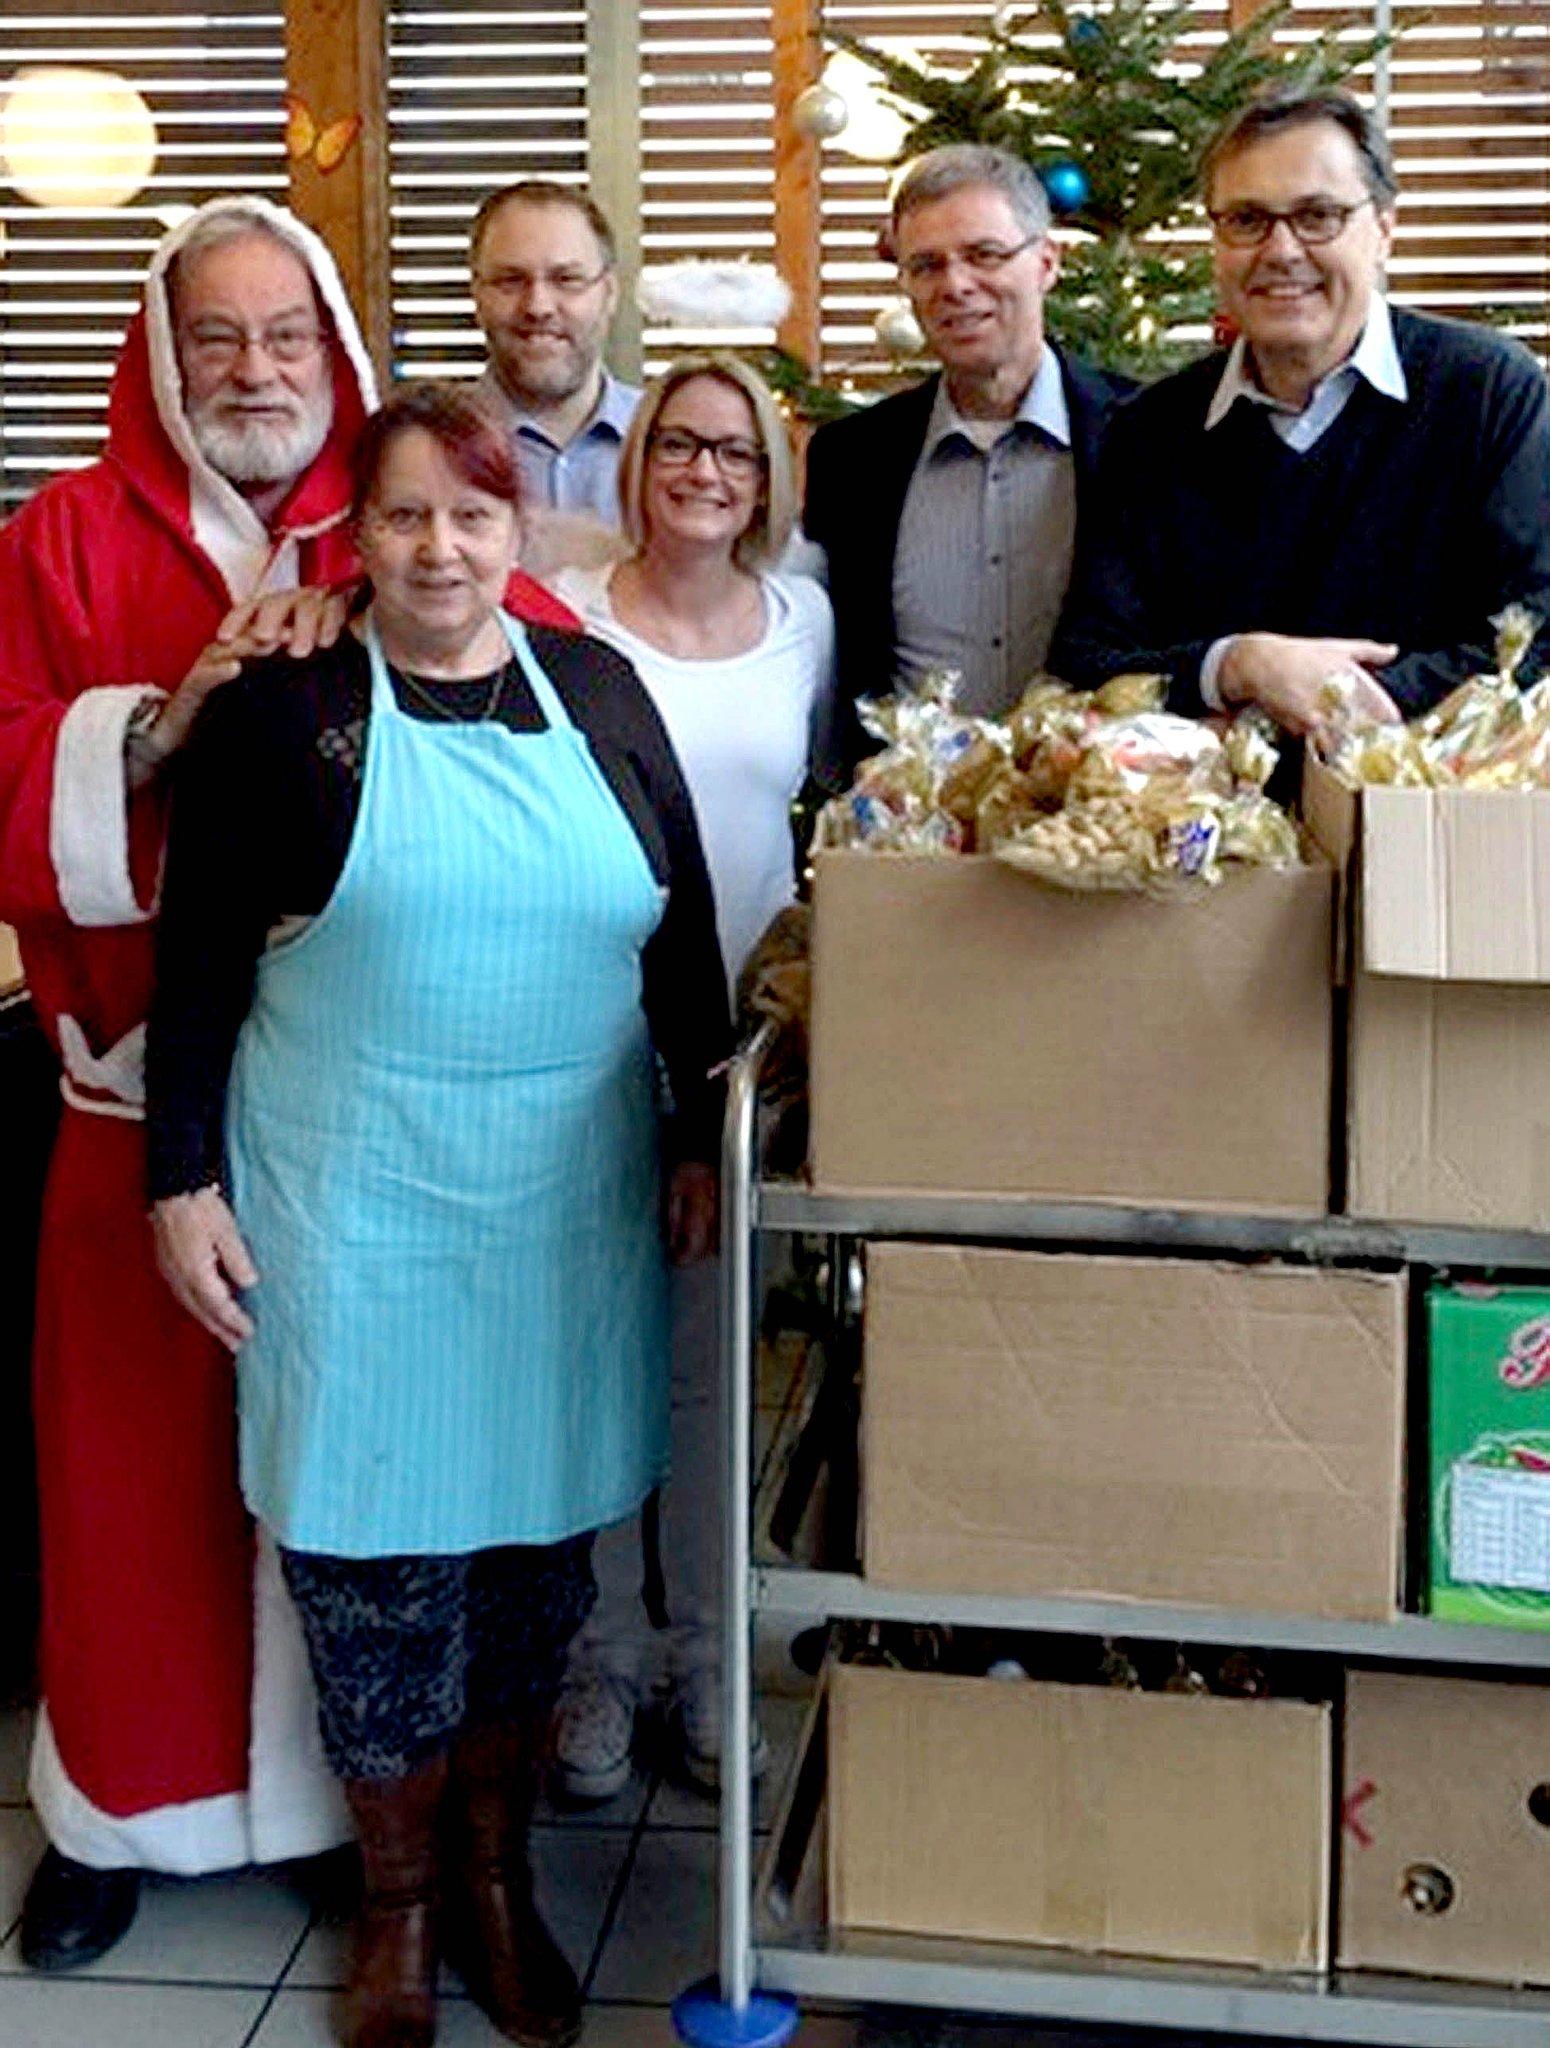 Weihnachtsmann Besuchte Hagener Suppenküche Hagen